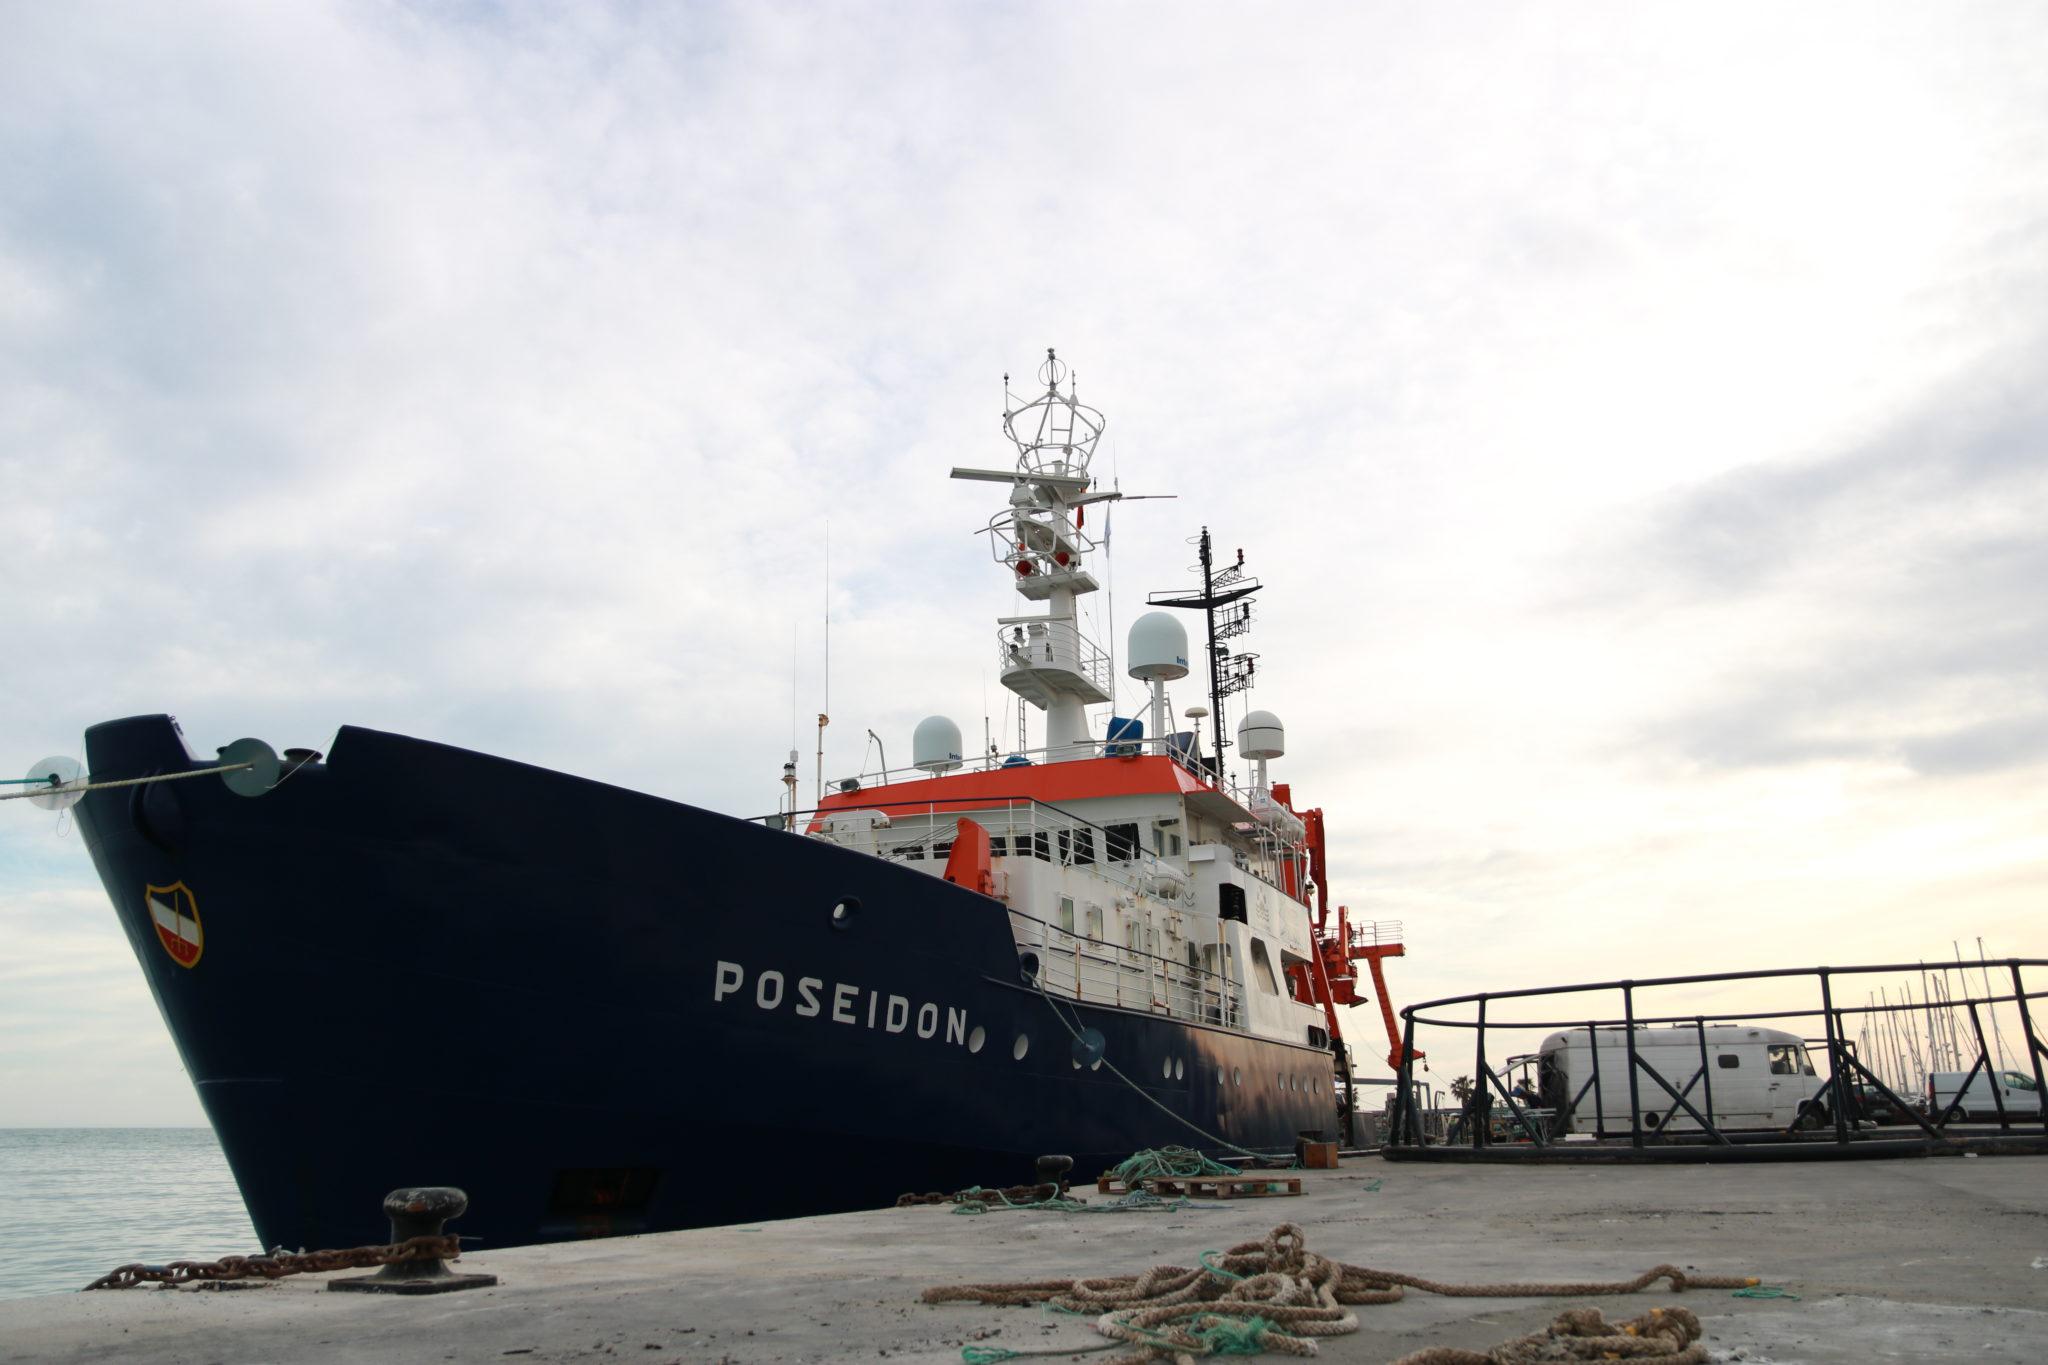 Das Forschungsschiff Poseidon am Hafen